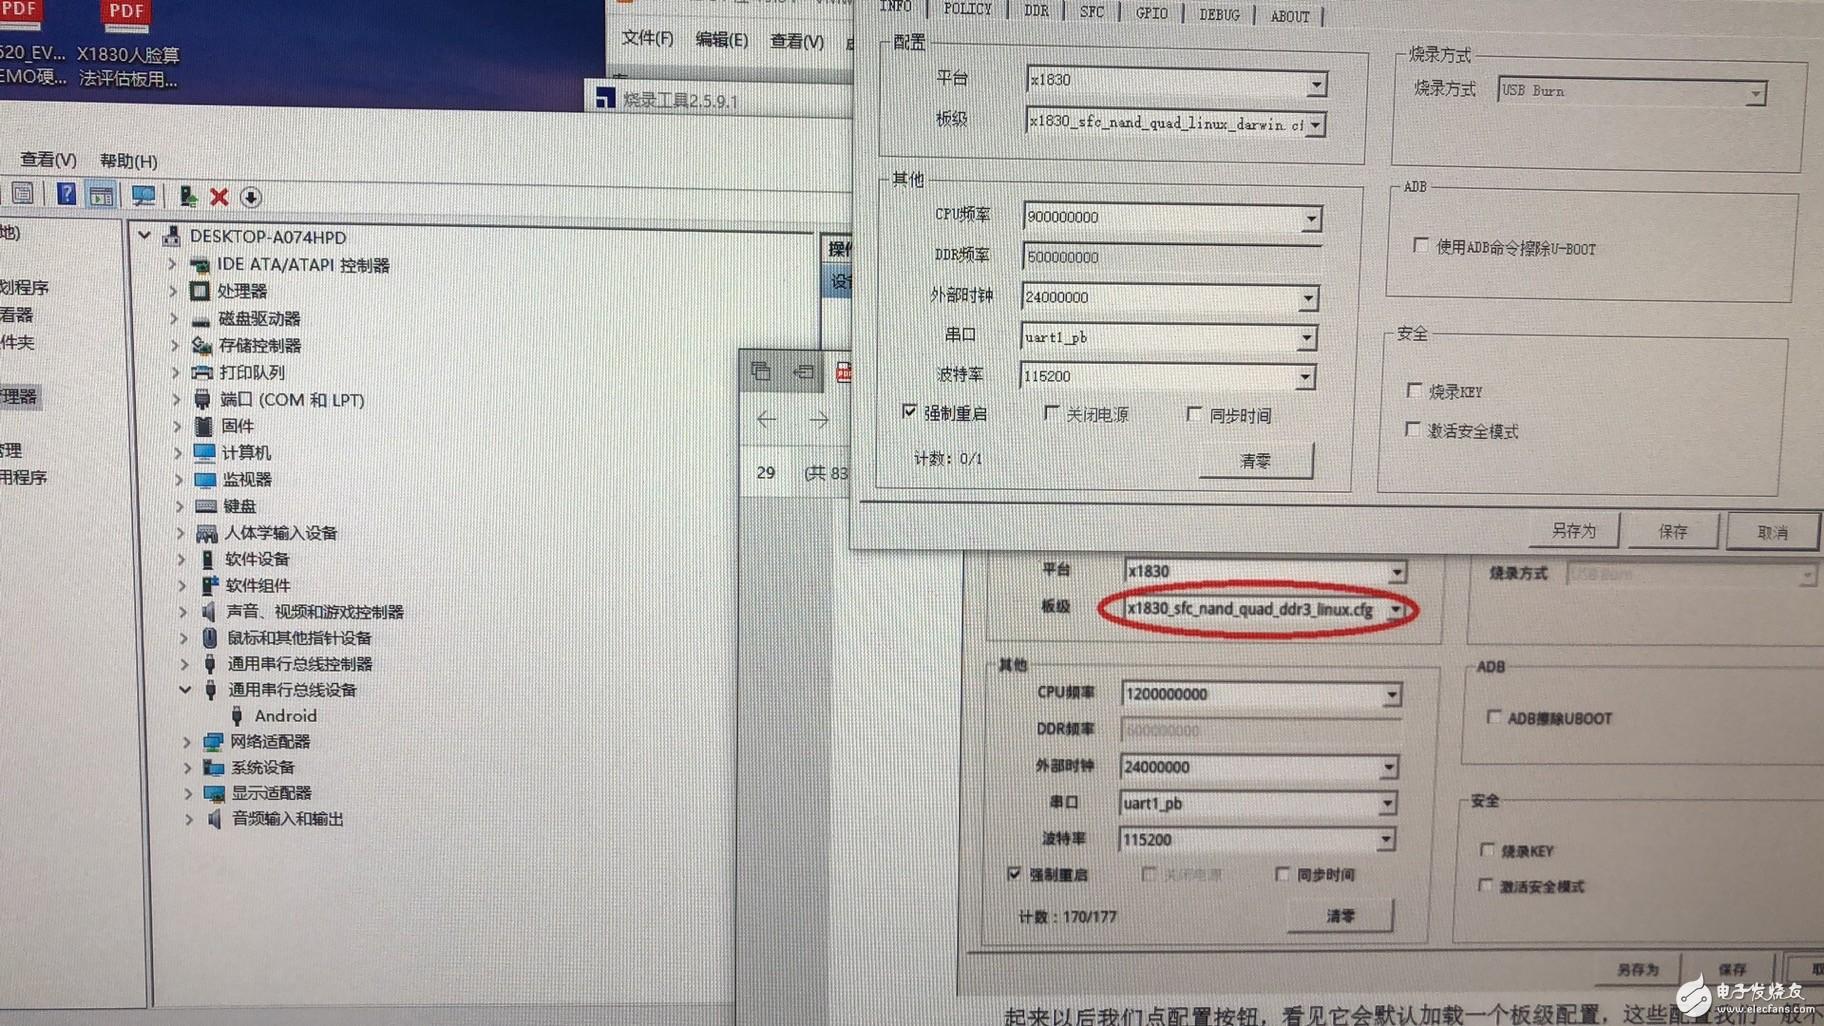 使用君正x1830人脸识别开发板做条码识别,不能进入烧录模式?